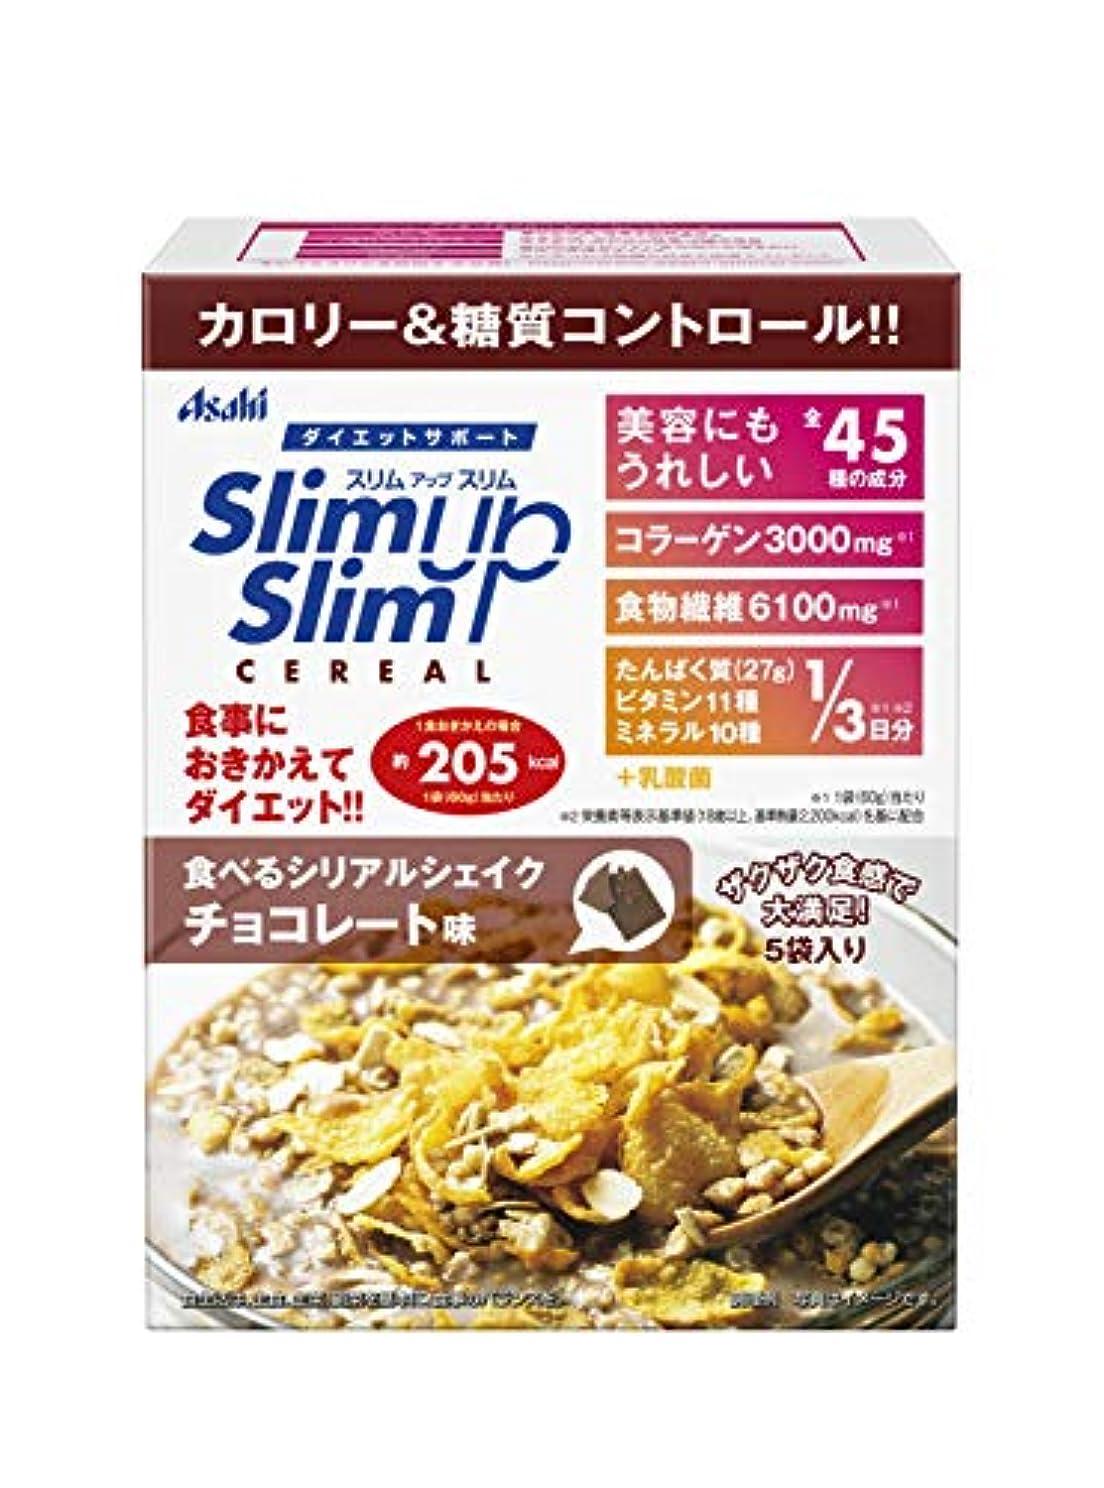 私友だちスチュアート島スリムアップスリム 食べるシリアルシェイク チョコレート味 300g (60g×5袋)